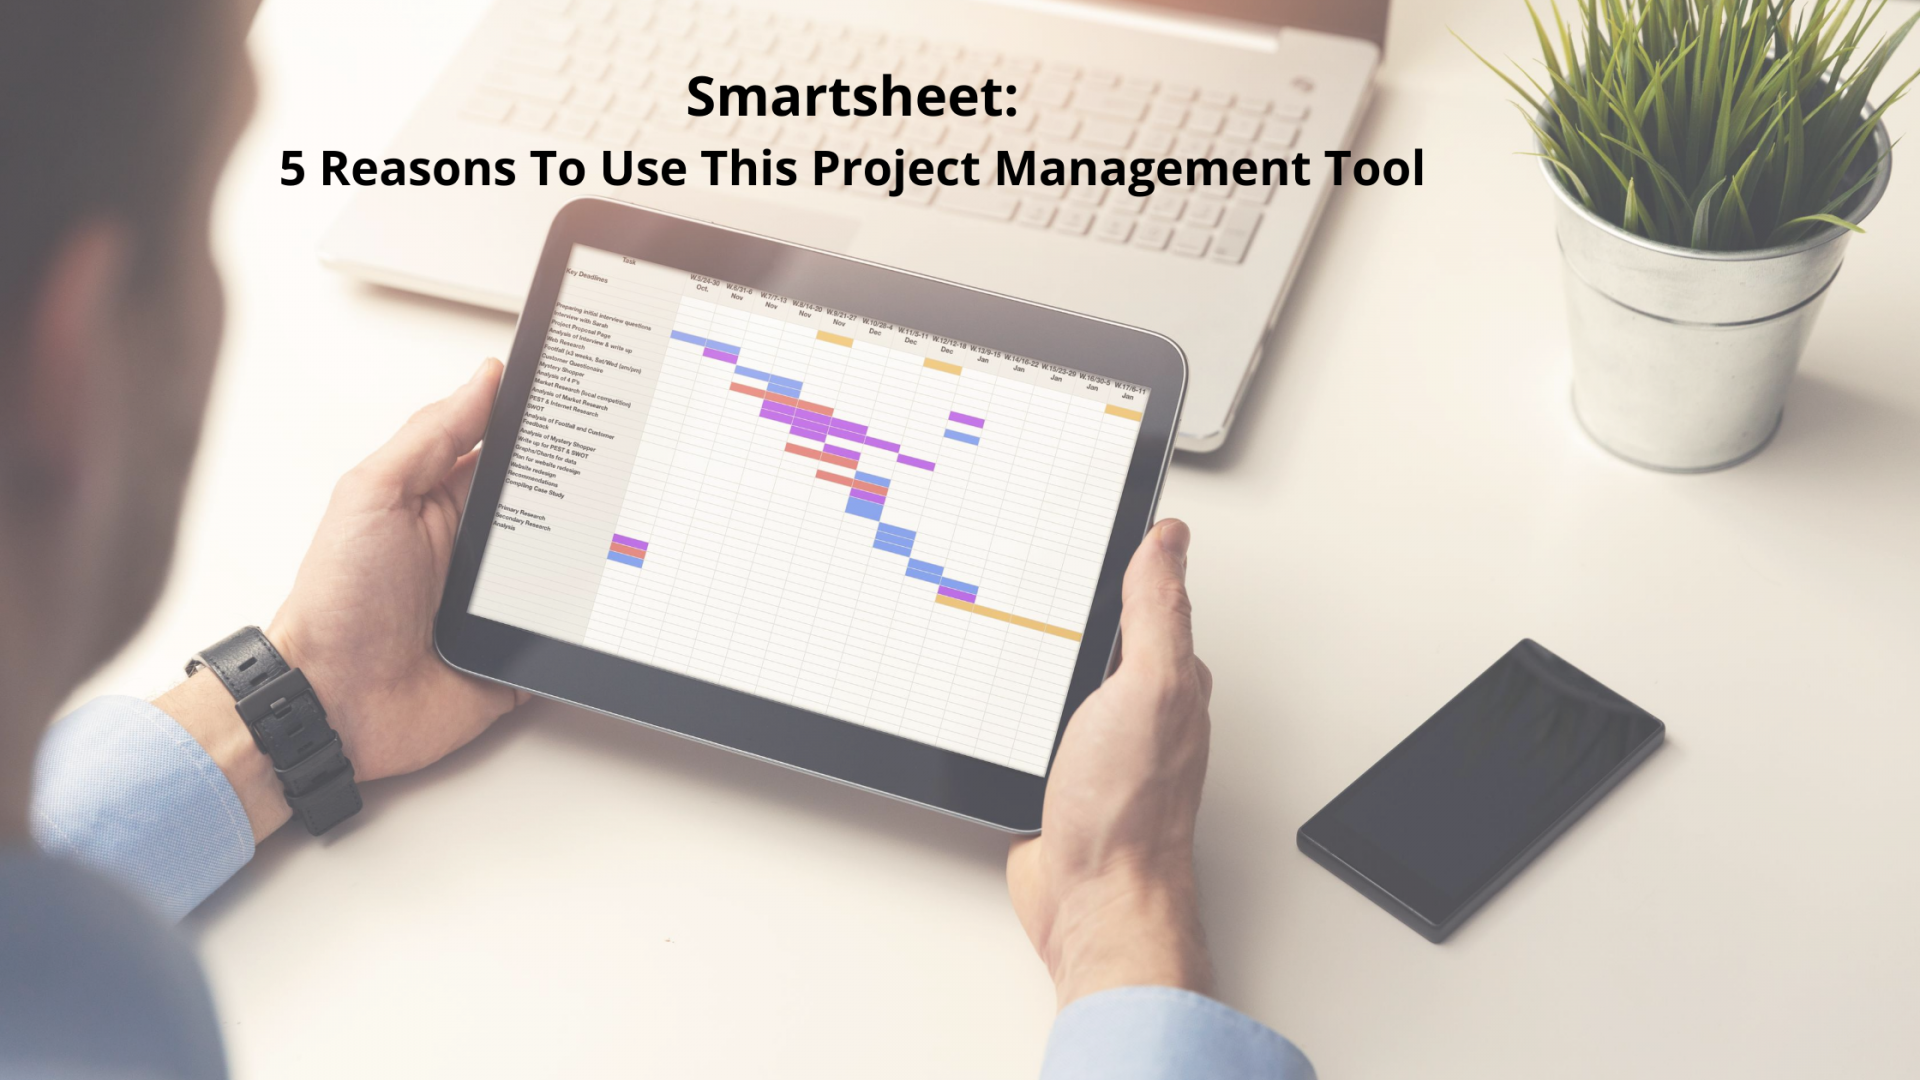 Smartsheet as PM Tool